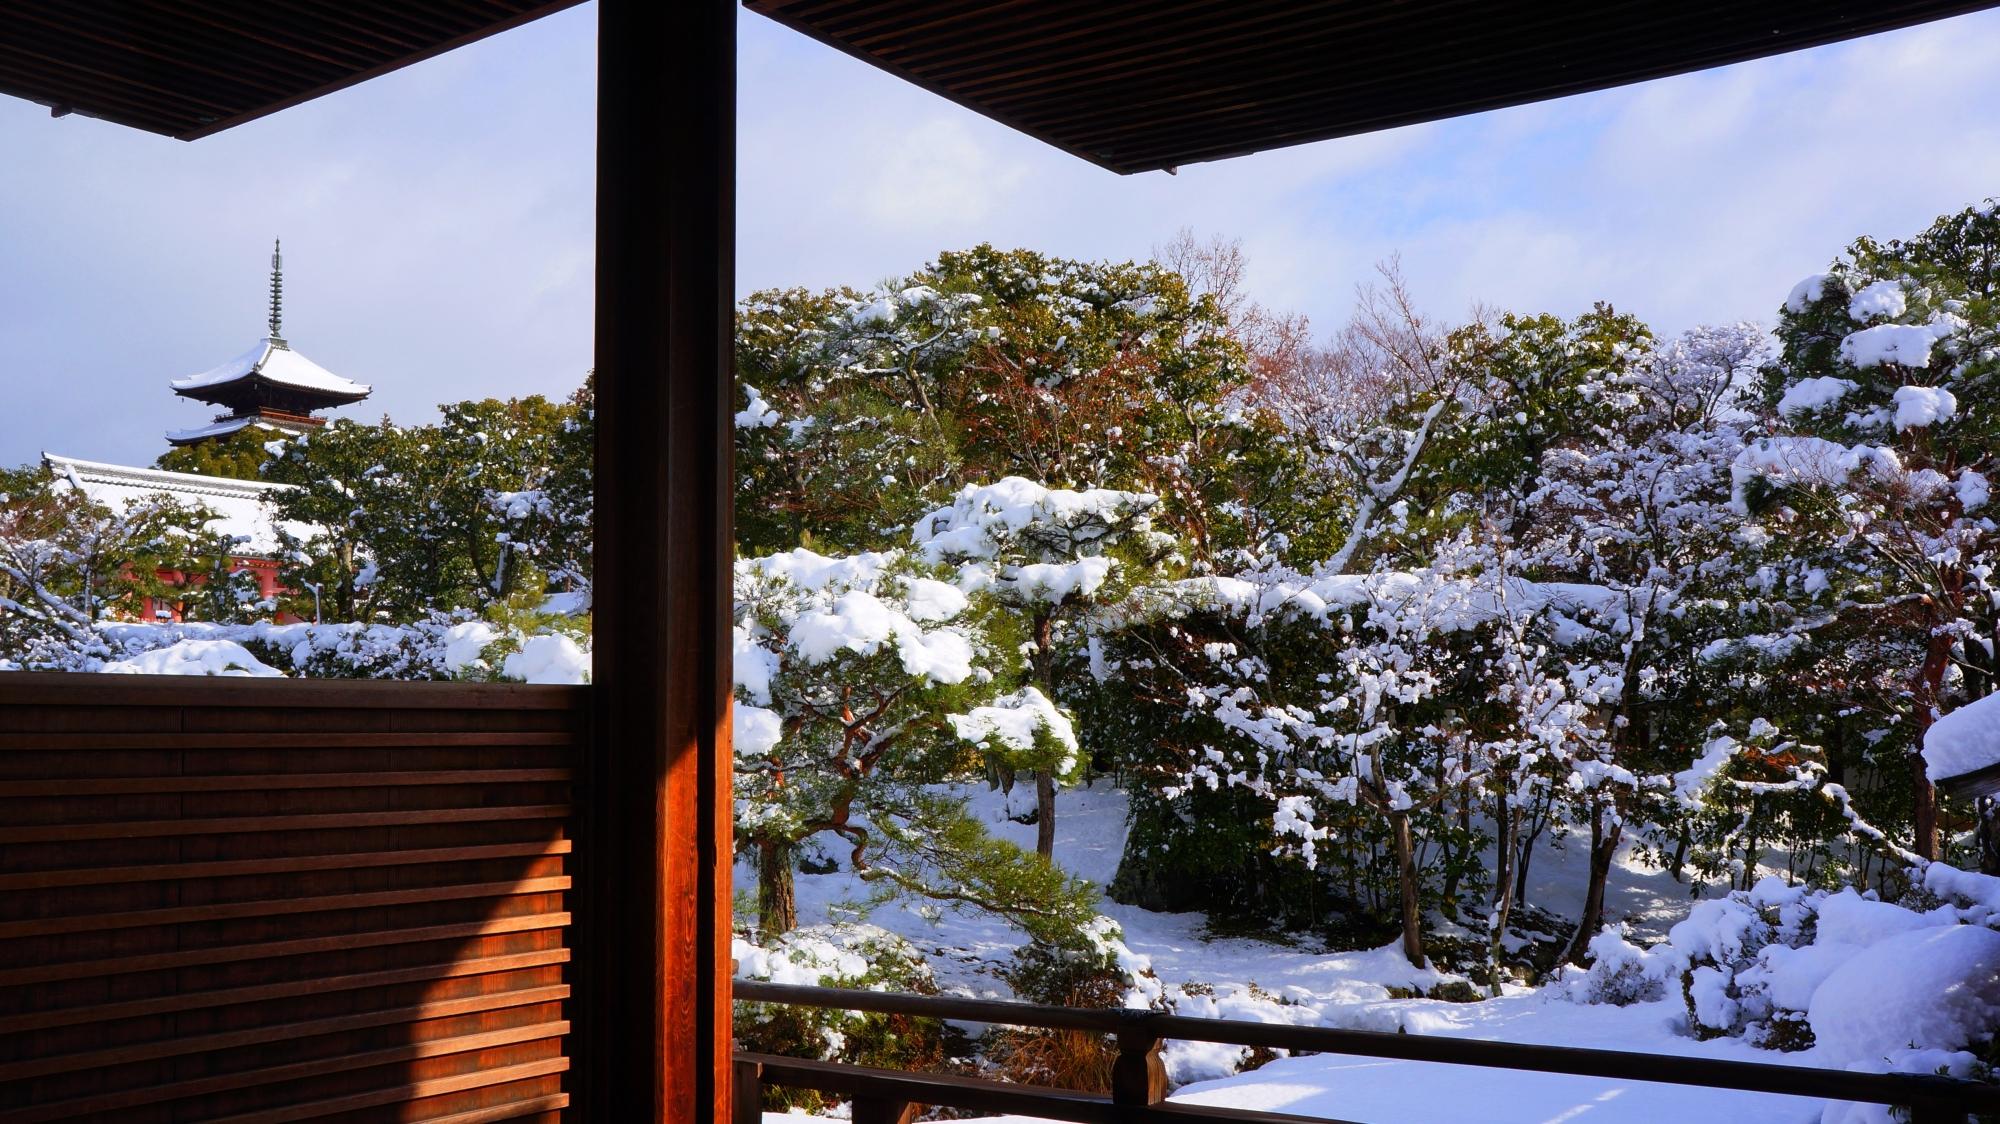 御殿から眺めた庭園と五重塔の冬景色